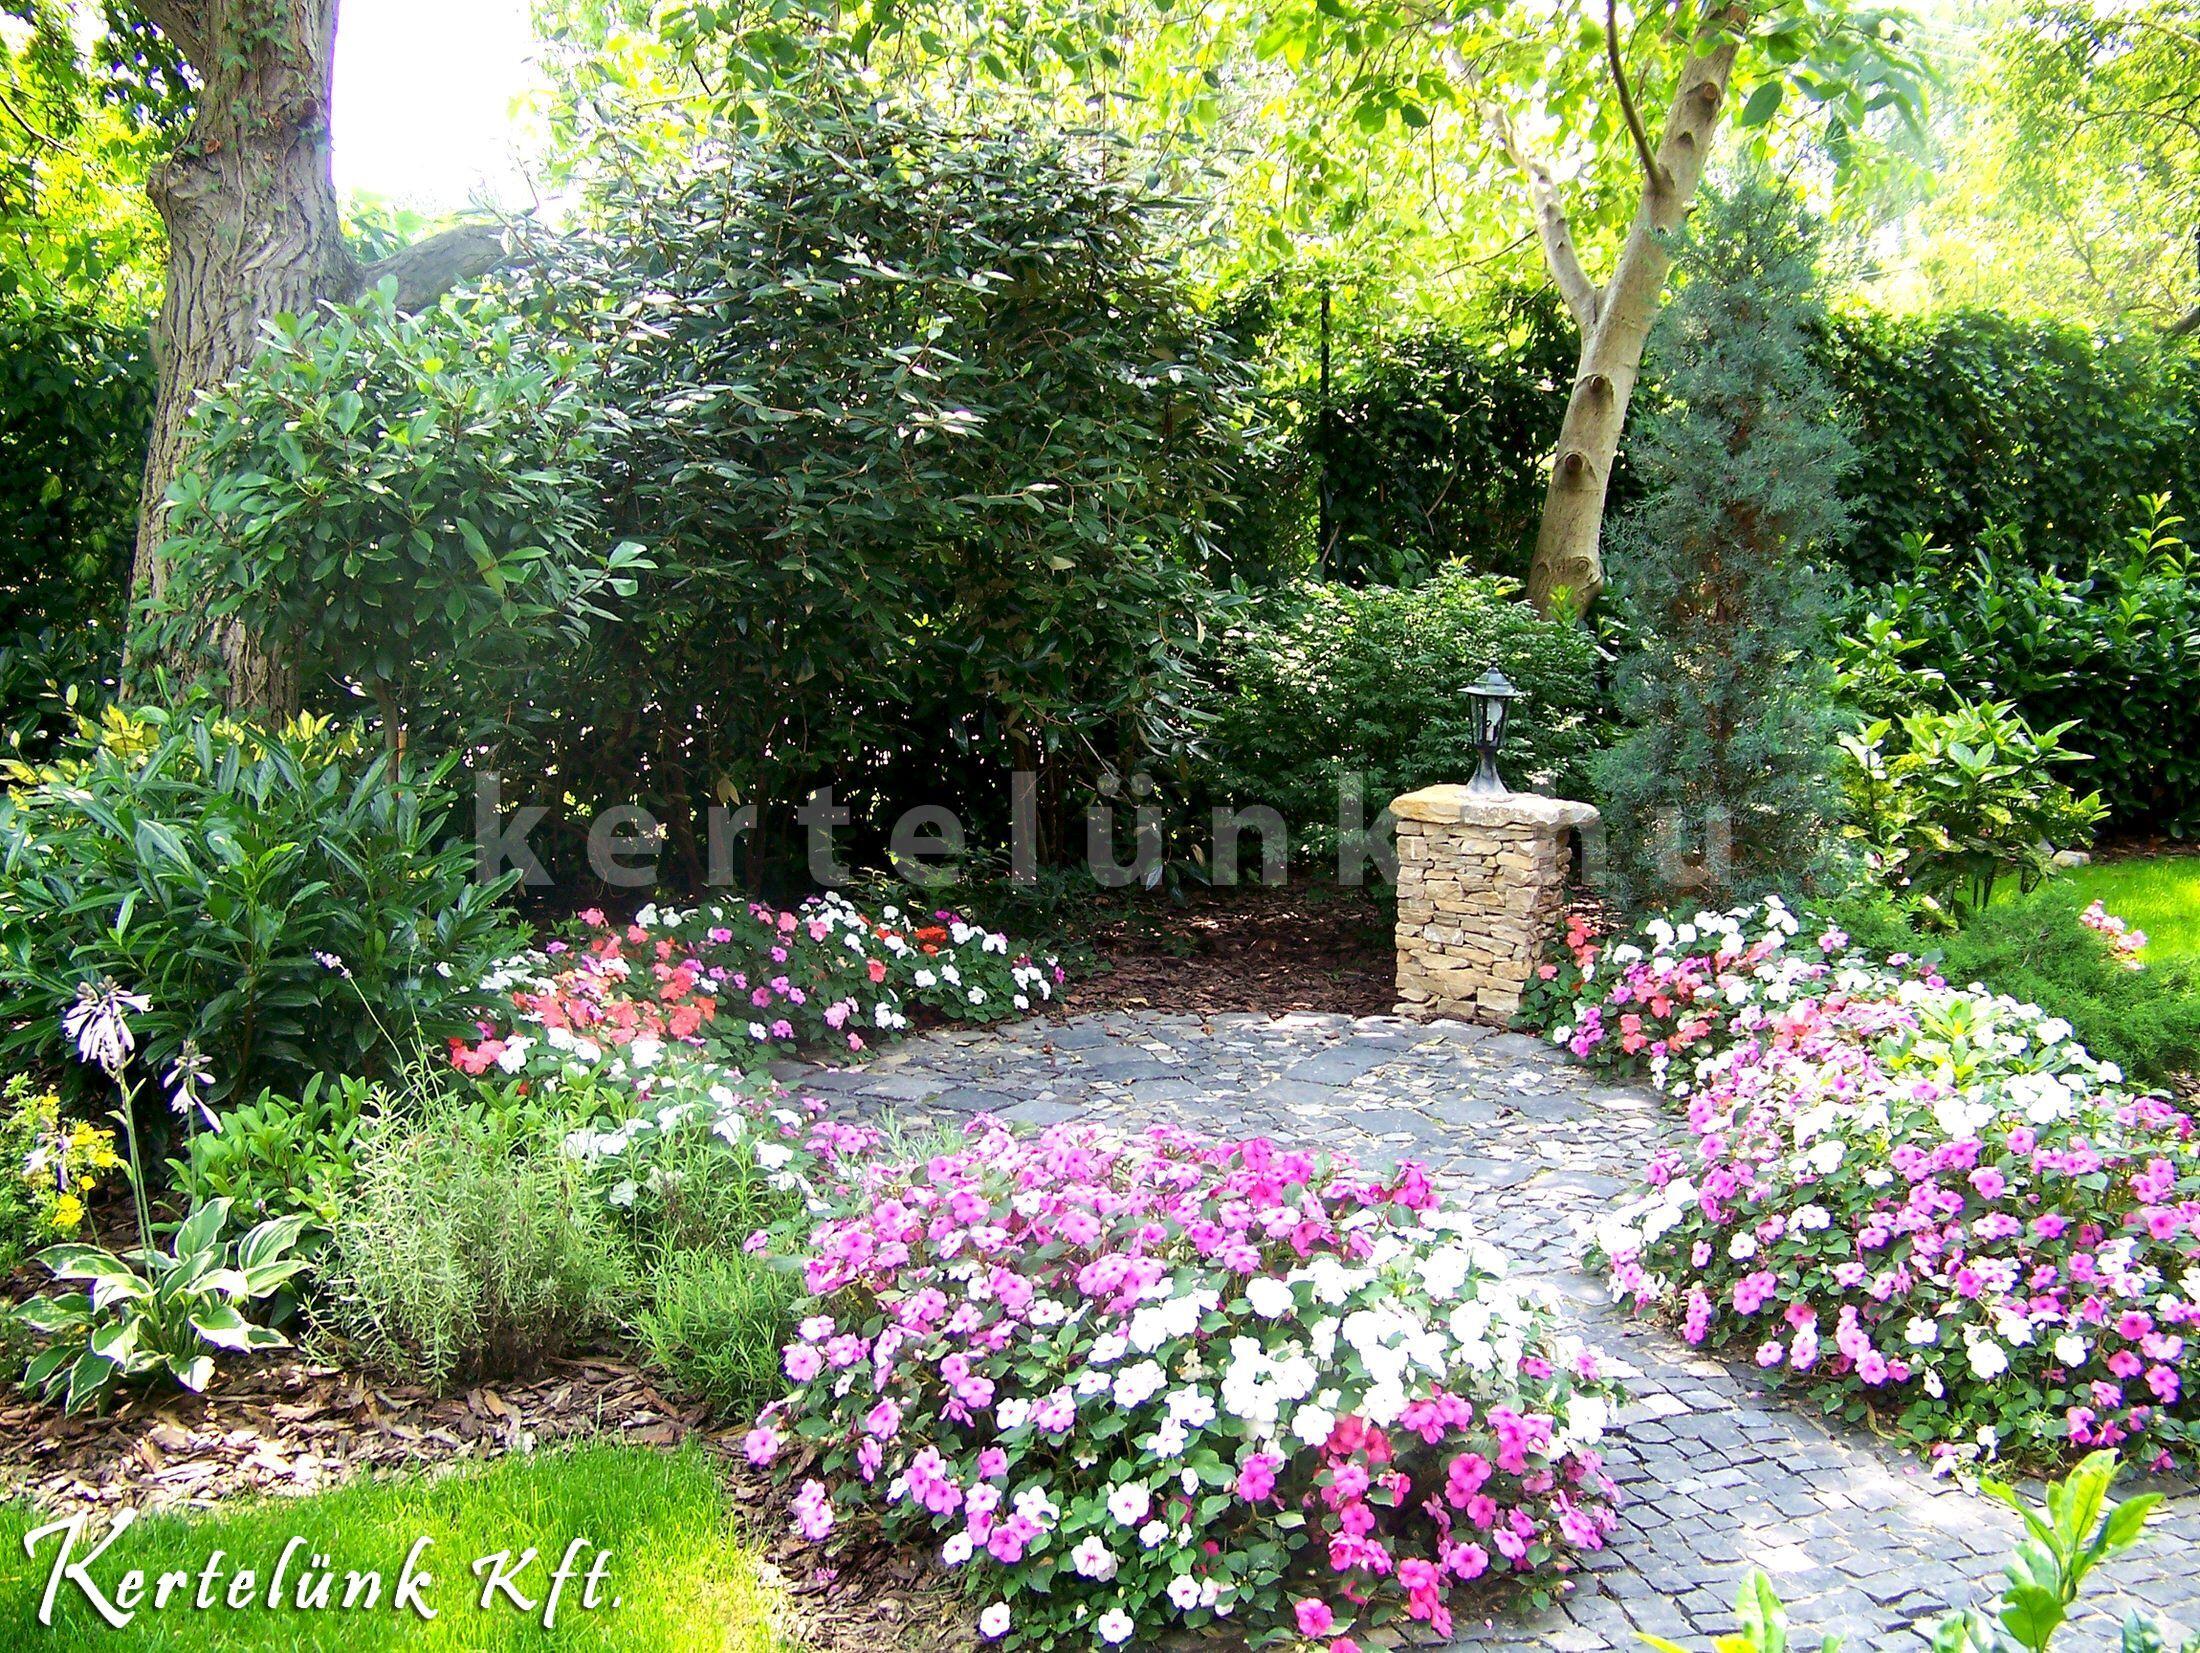 Virágok a sütögetésre használt kerti terasz körül.